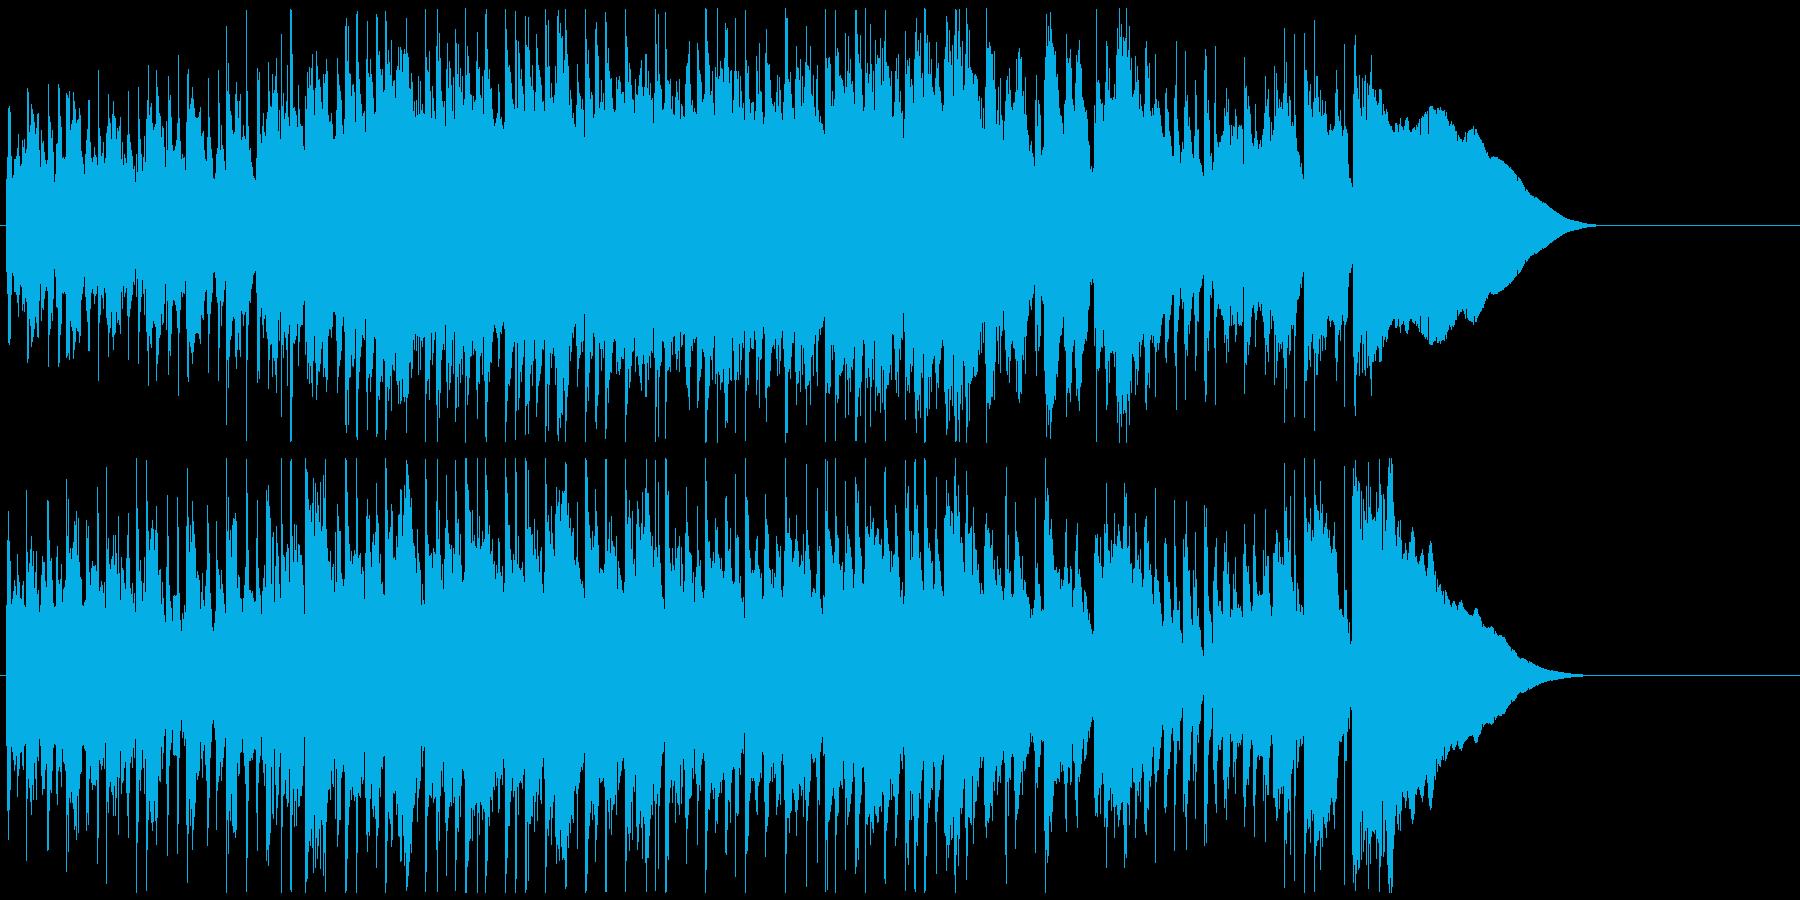 オープニングジングル 爽やかソフトロックの再生済みの波形